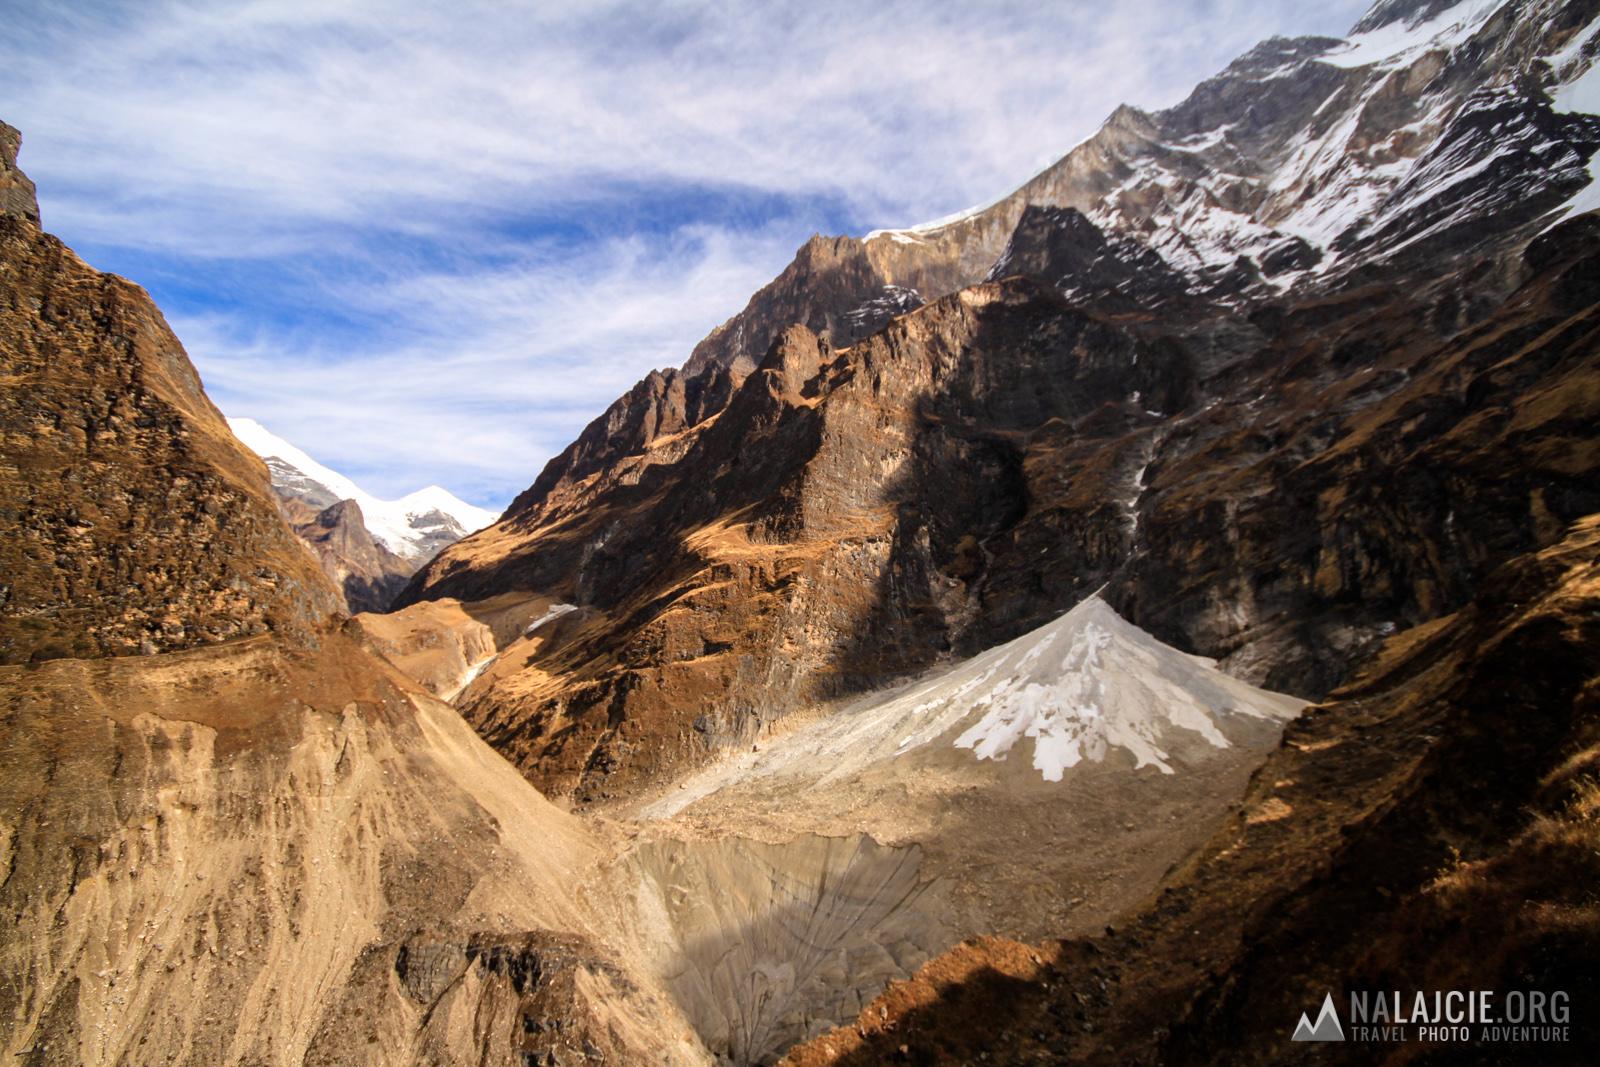 Schodzimy na dół po sypiącym się piargu na lodowiec i dalej stromym skalnym trawersem.